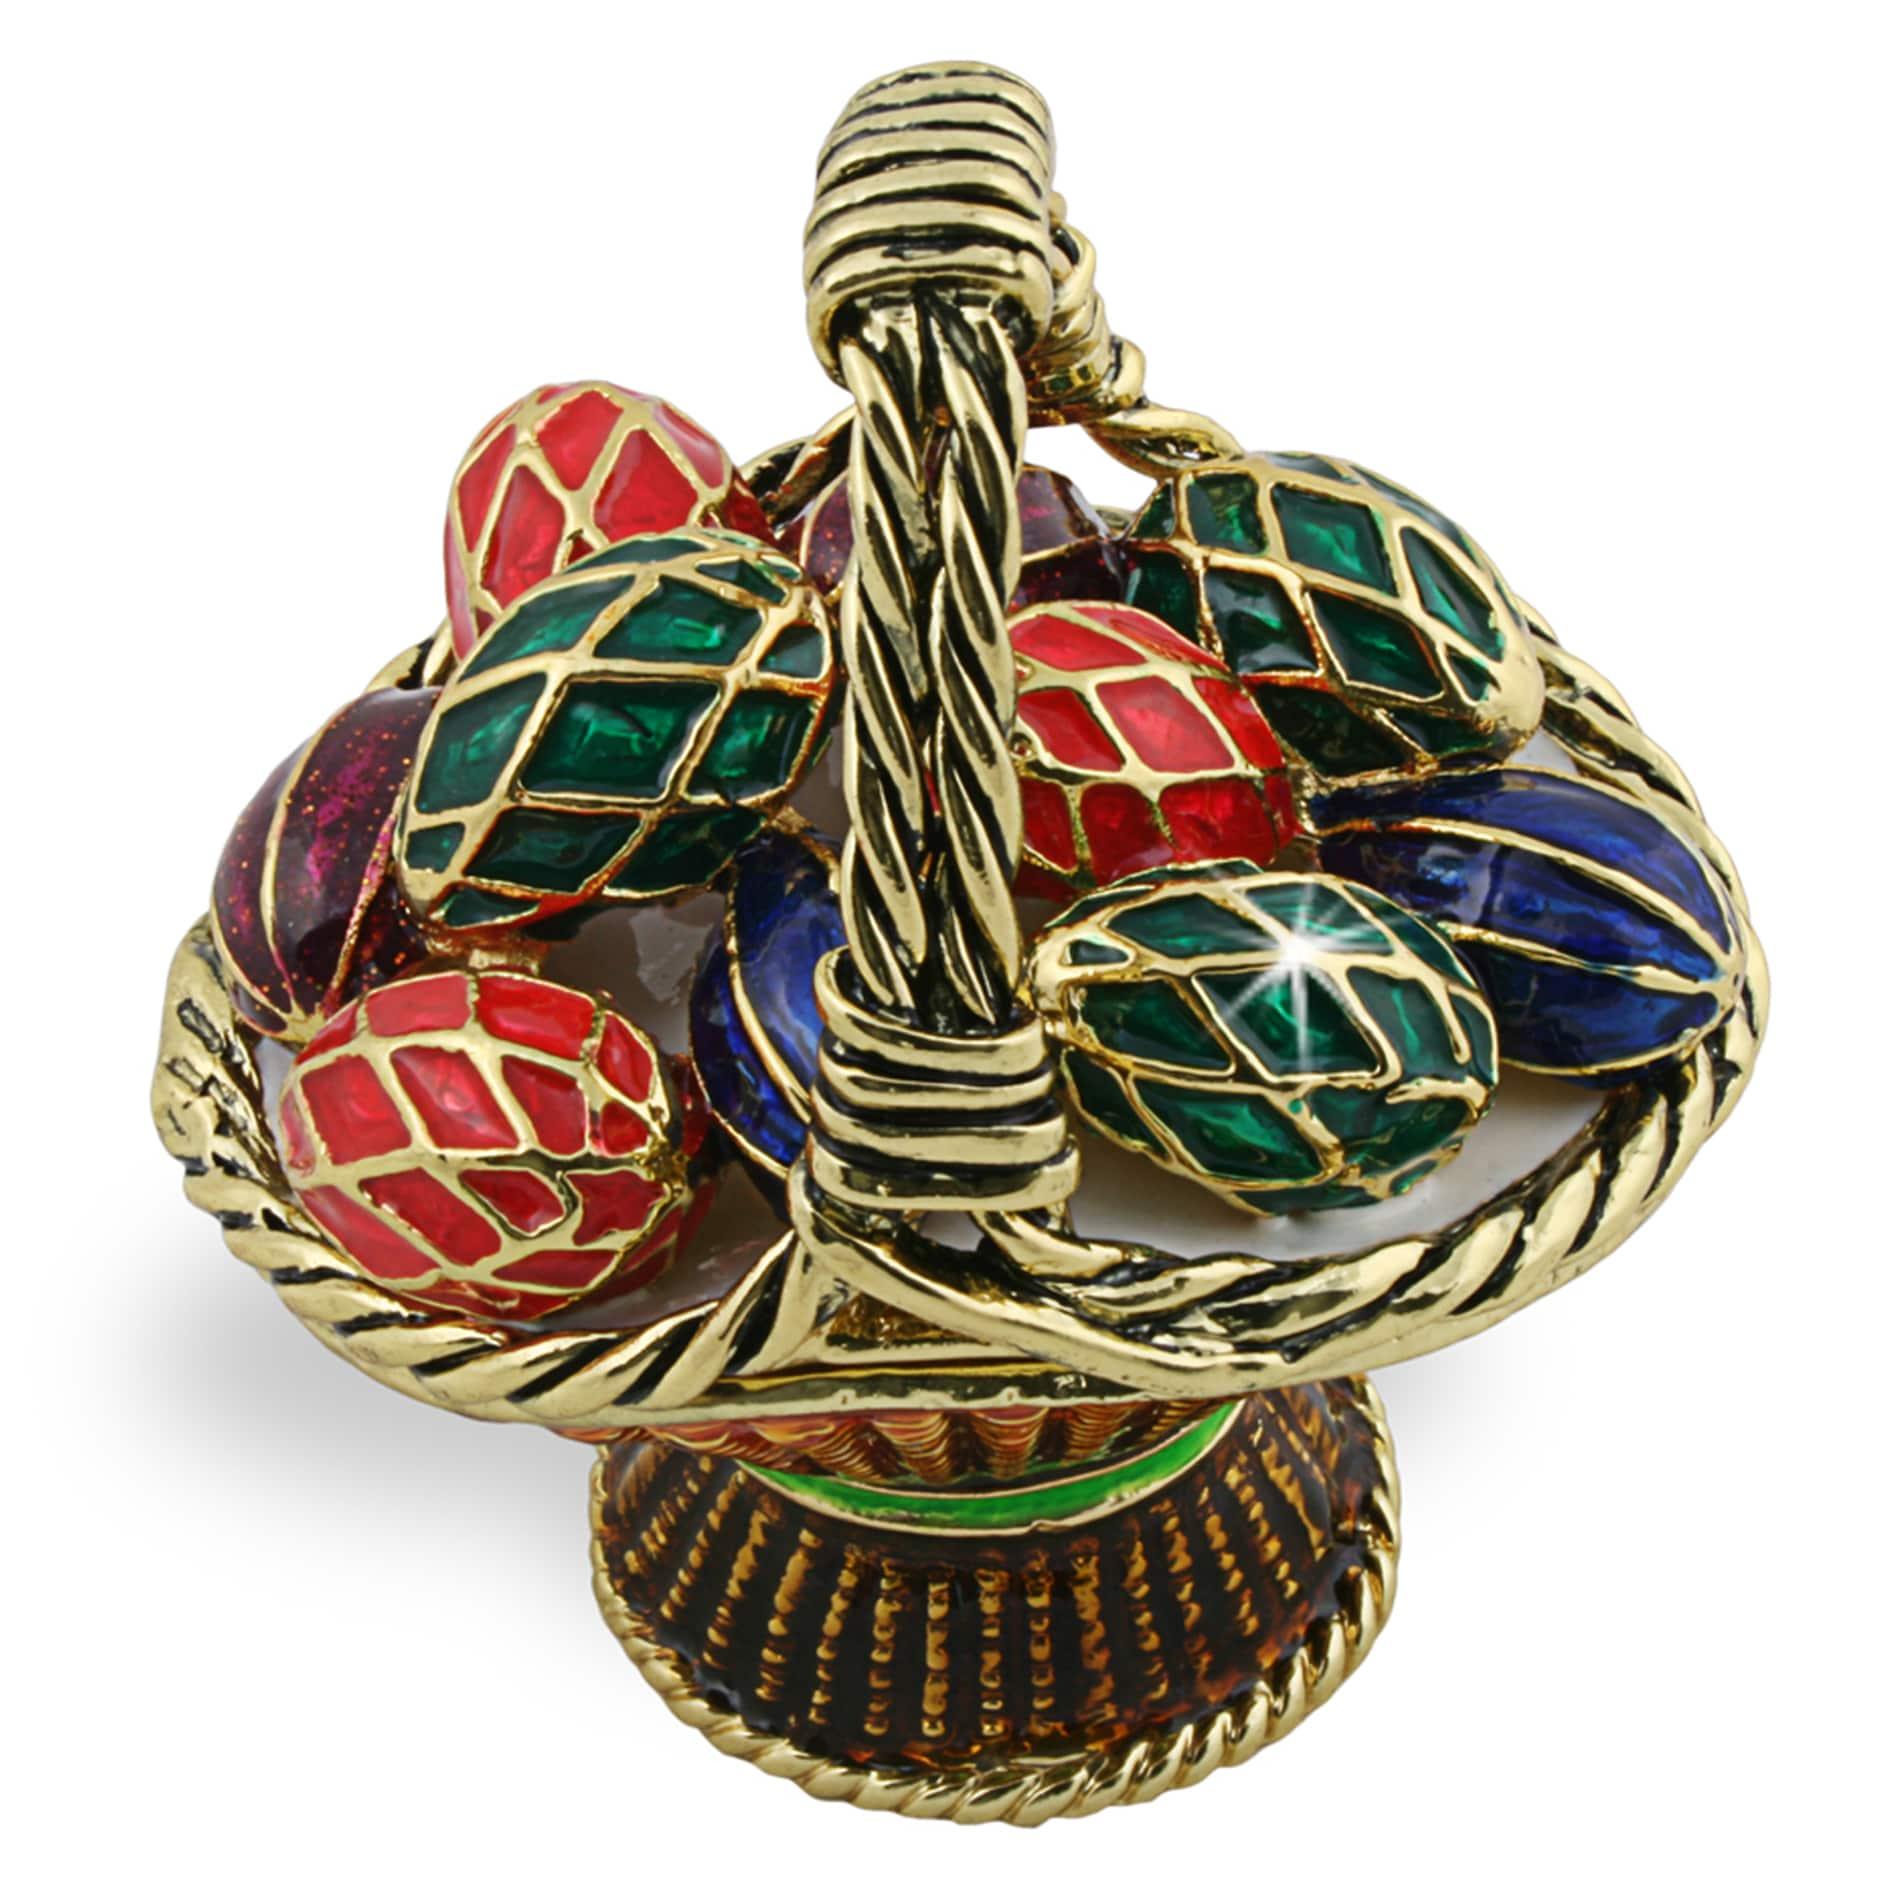 Objet d'art 'Hanacke Kraslice' Easter Egg Basket Trinket Box